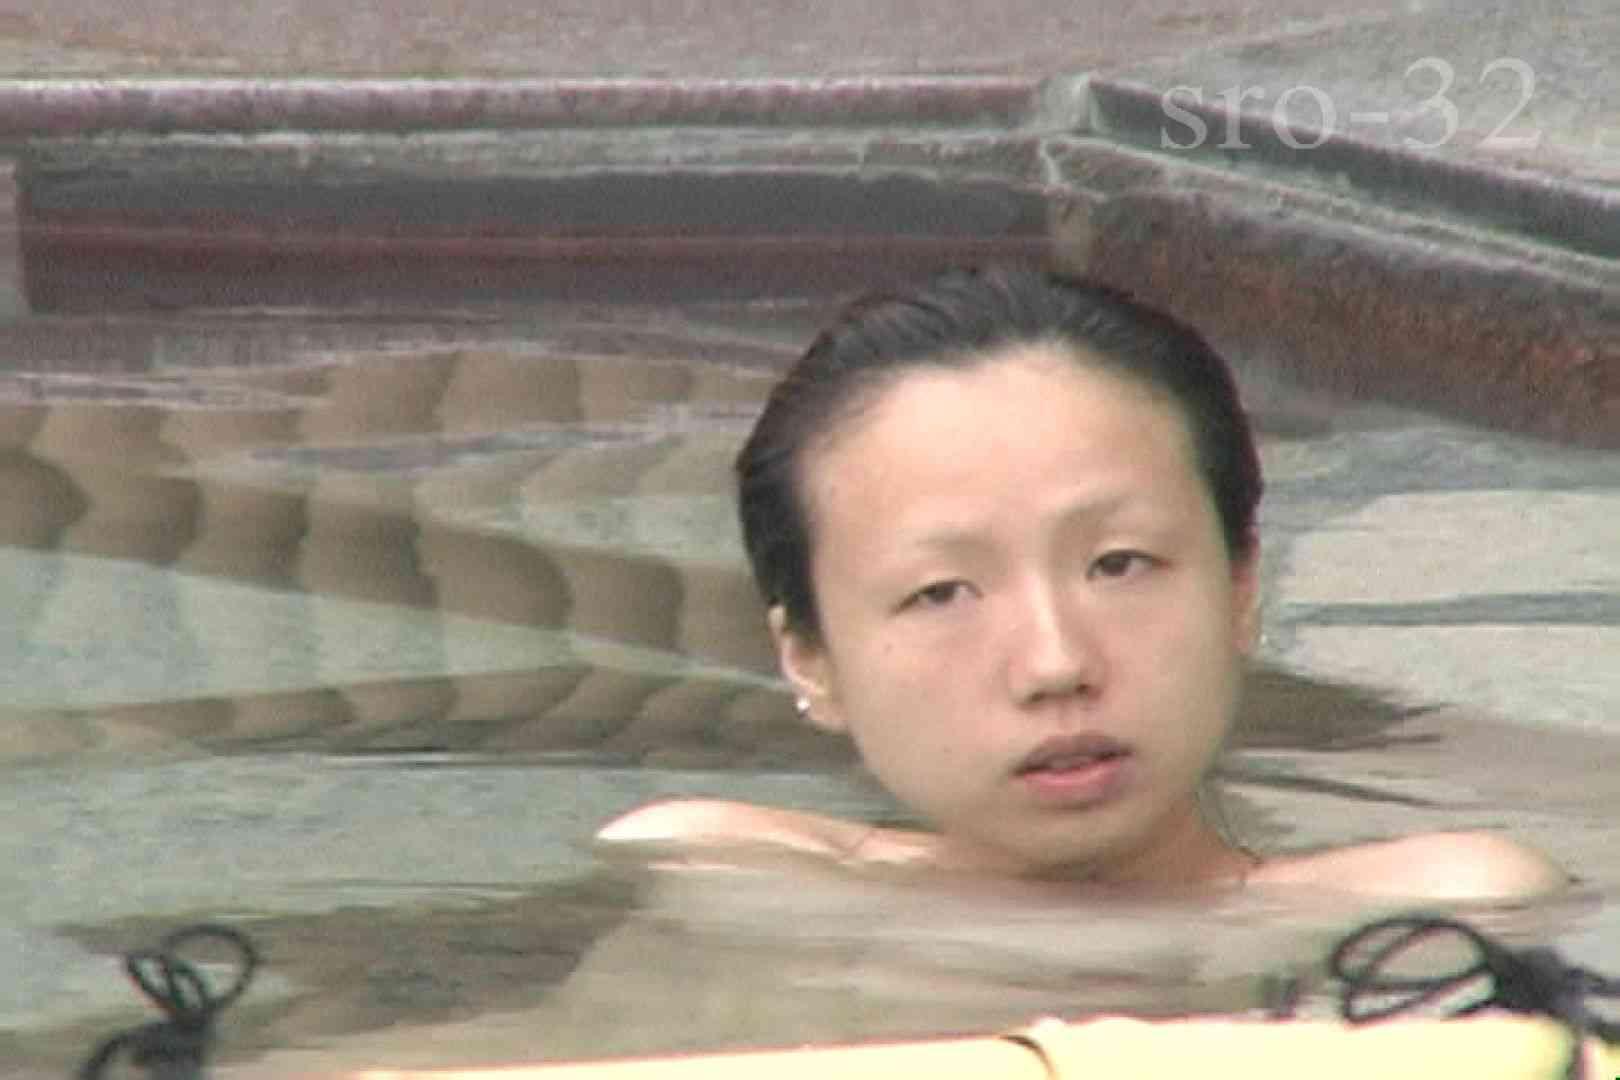 真・露天旅情 三十二番湯 Hなお姉さん エロ画像 101pic 63